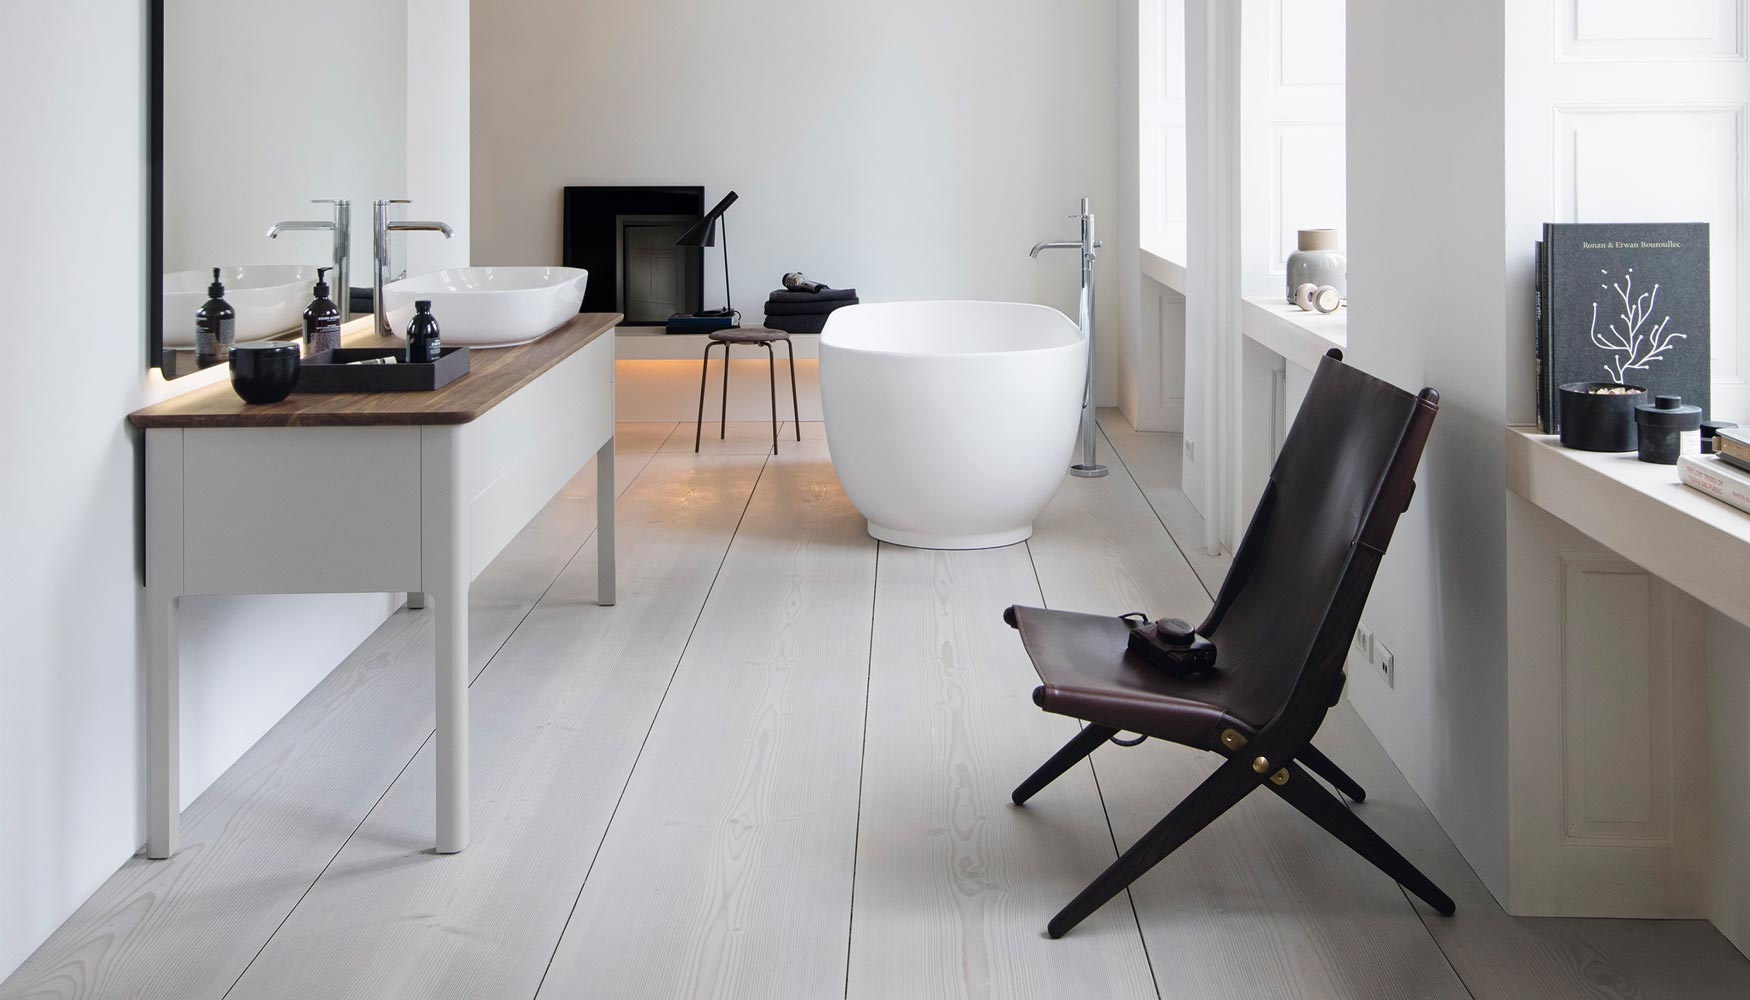 duravit ish jdons g 2017 inout home. Black Bedroom Furniture Sets. Home Design Ideas